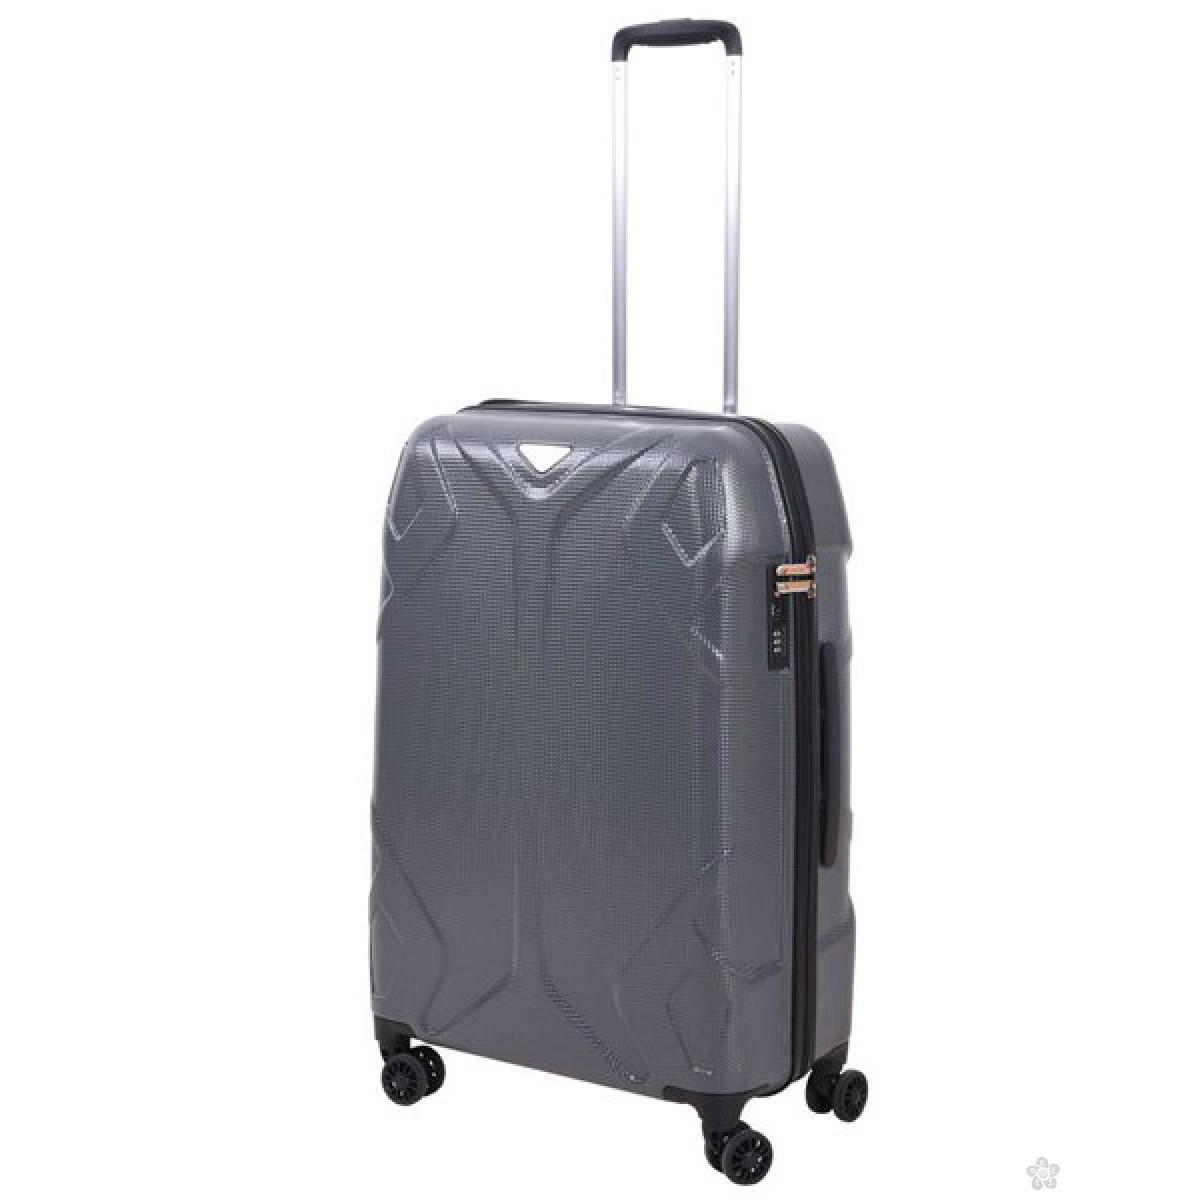 Kofer Pulse Soho sivi 24inch X21162